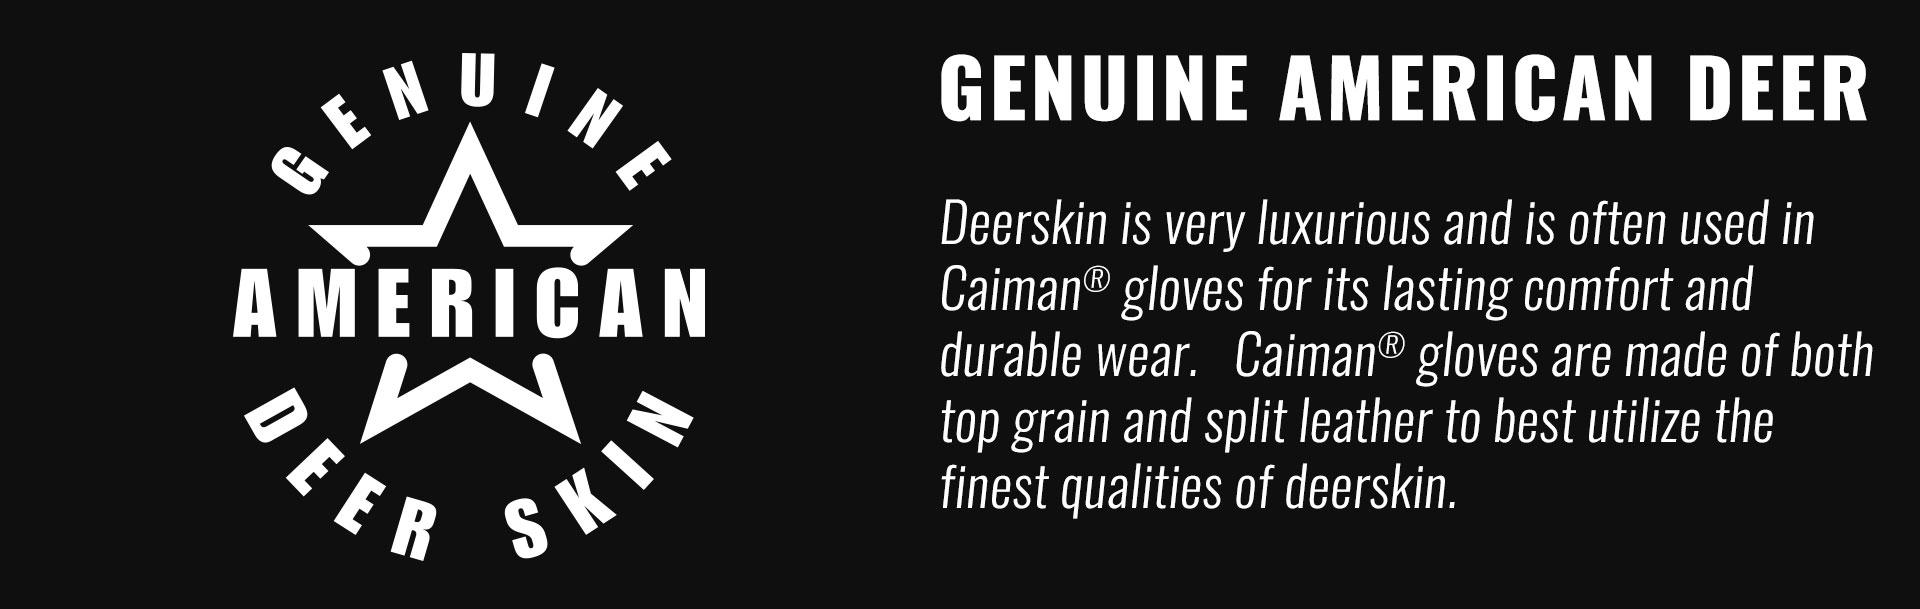 Caiman Gloves Genuine American Deerskin